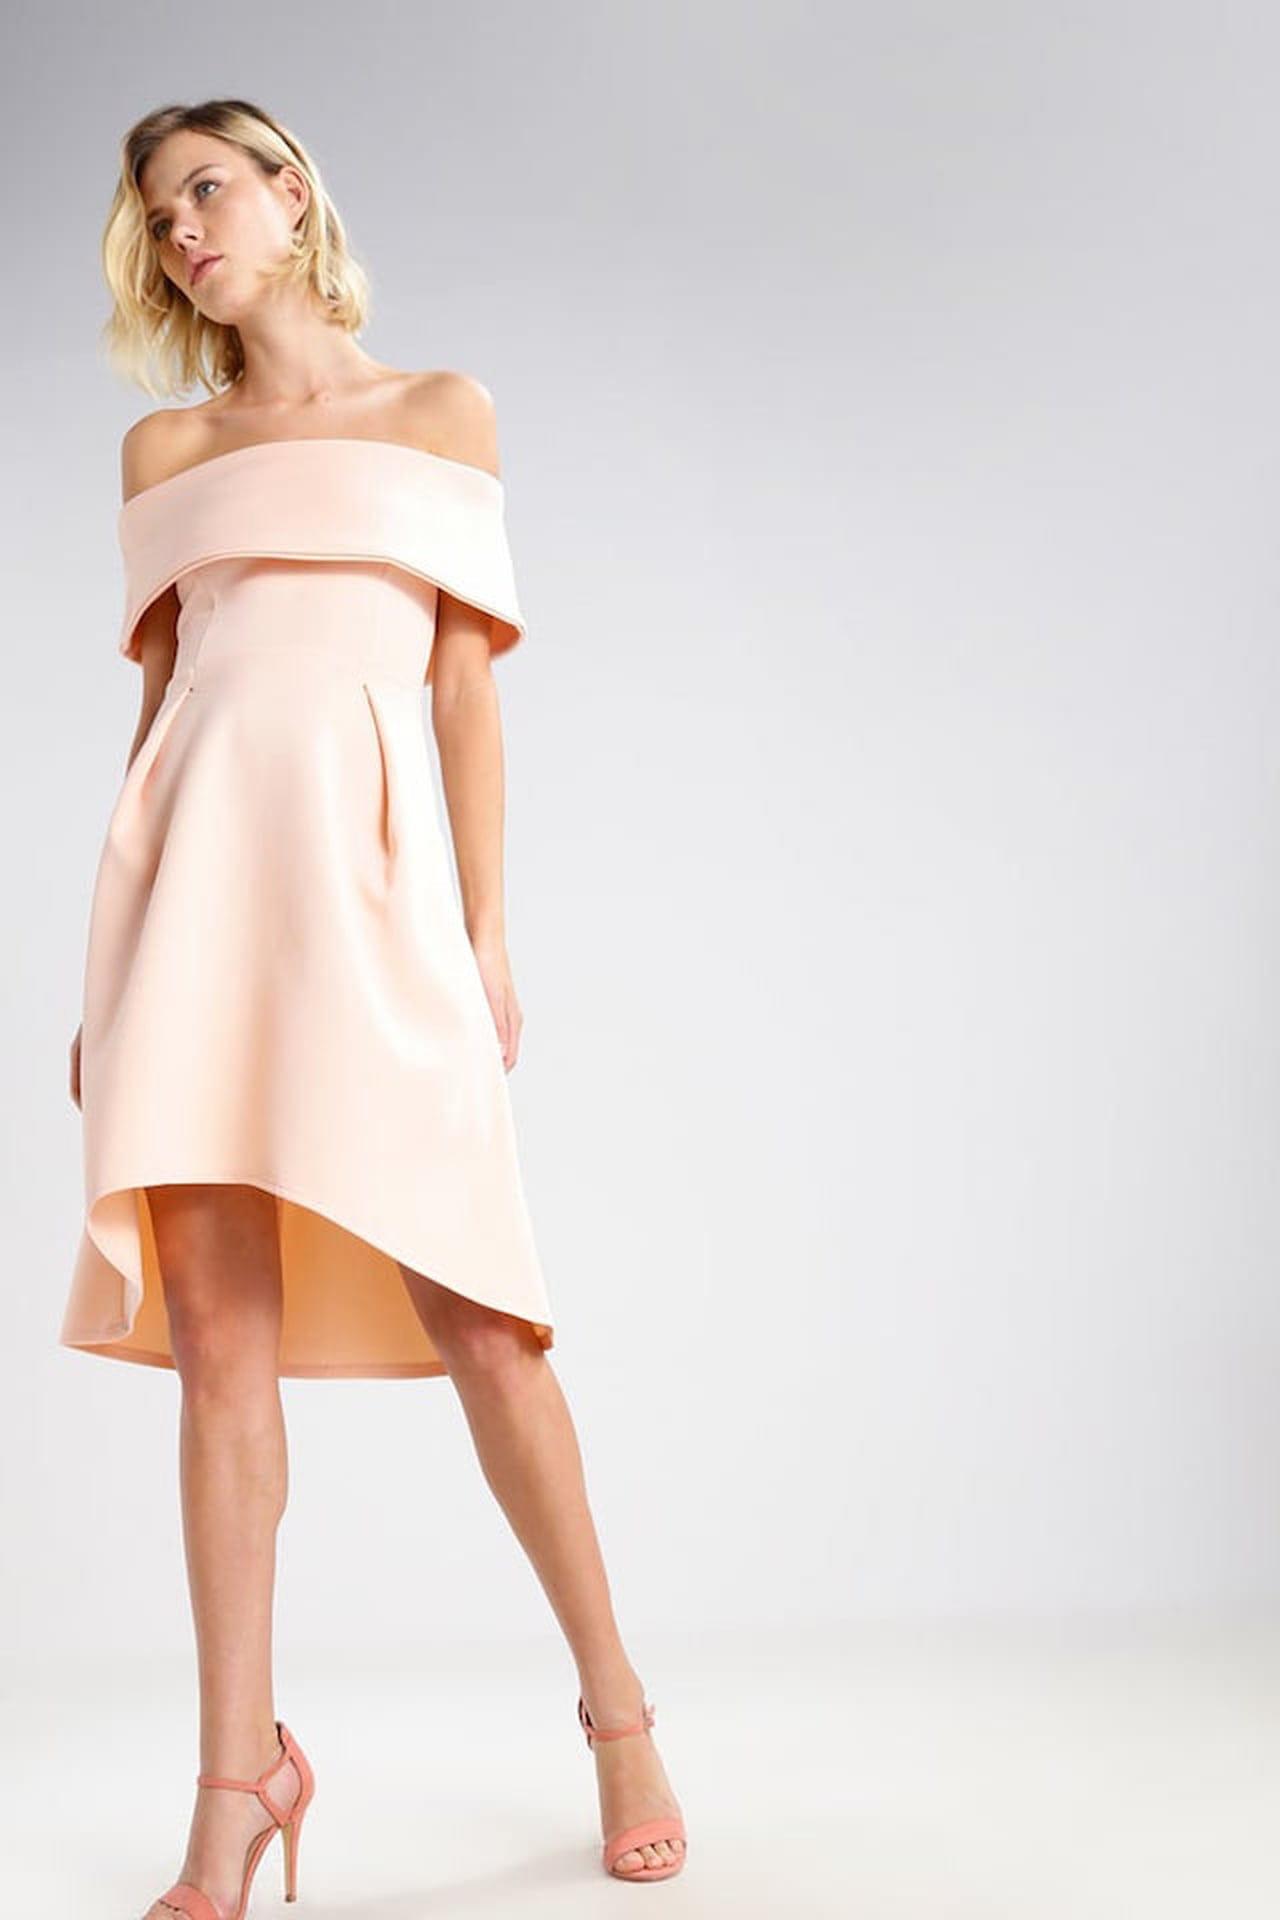 8bf99e182523a Adatto anche alle cerimonie estive il vestito in maglina dalla doppia  lunghezza di Missguided in tonalità nude. © Missguided